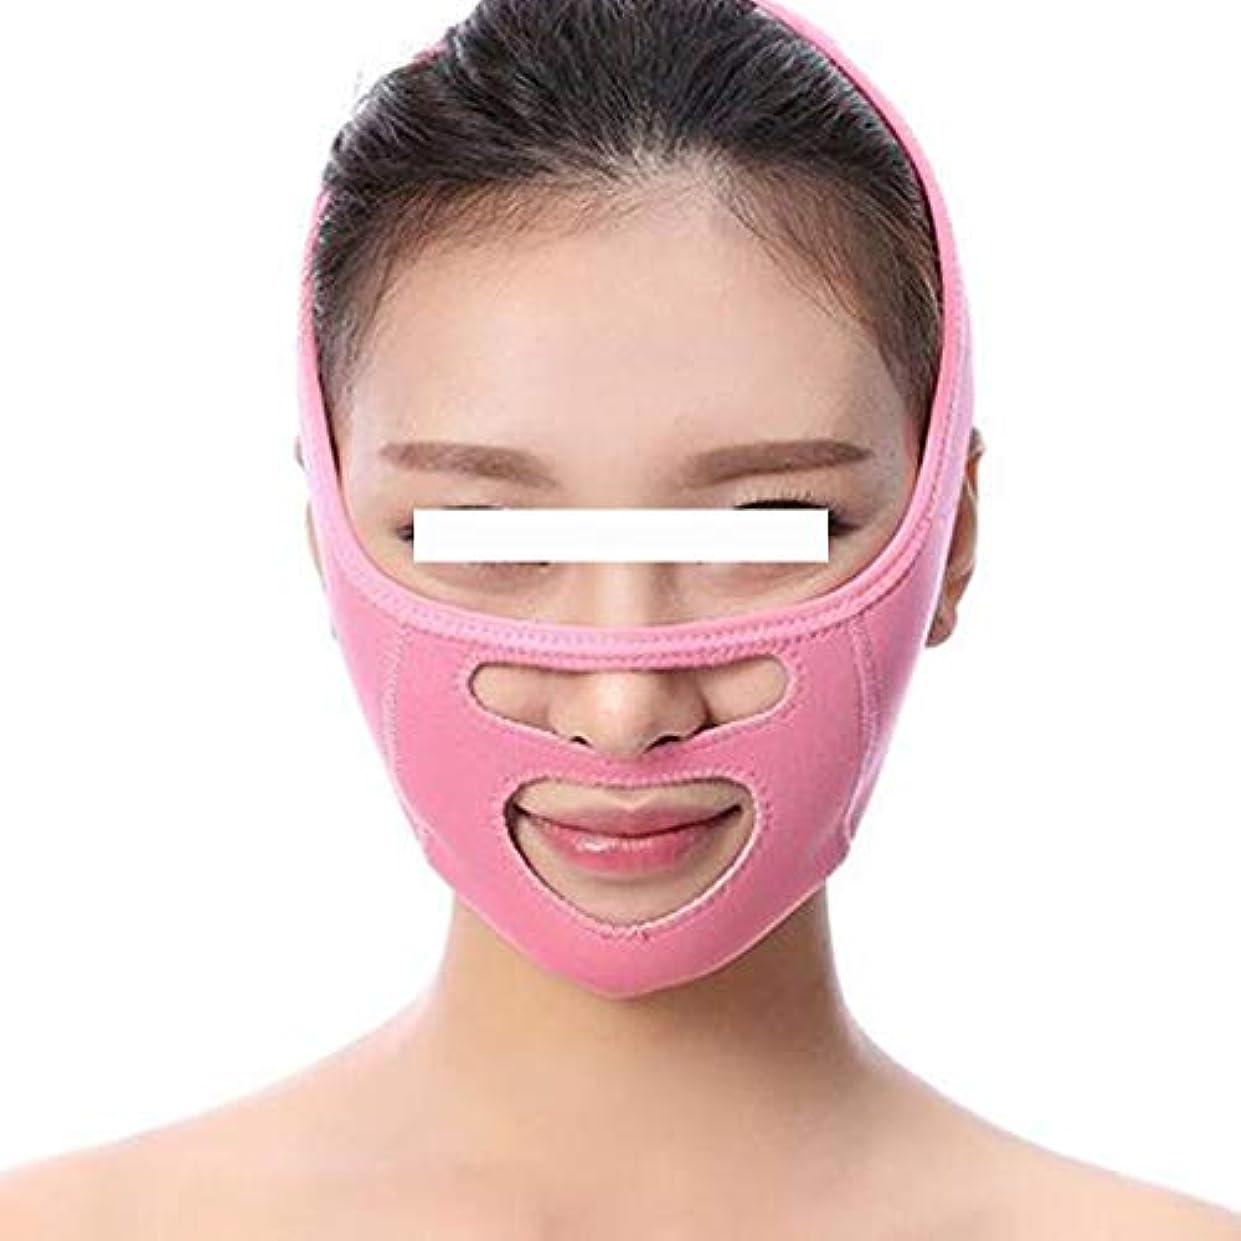 花瓶予防接種する司書人気のVフェイスマスク - 睡眠小顔美容フェイス包帯 - Decreeダブルチンvフェイスに移動